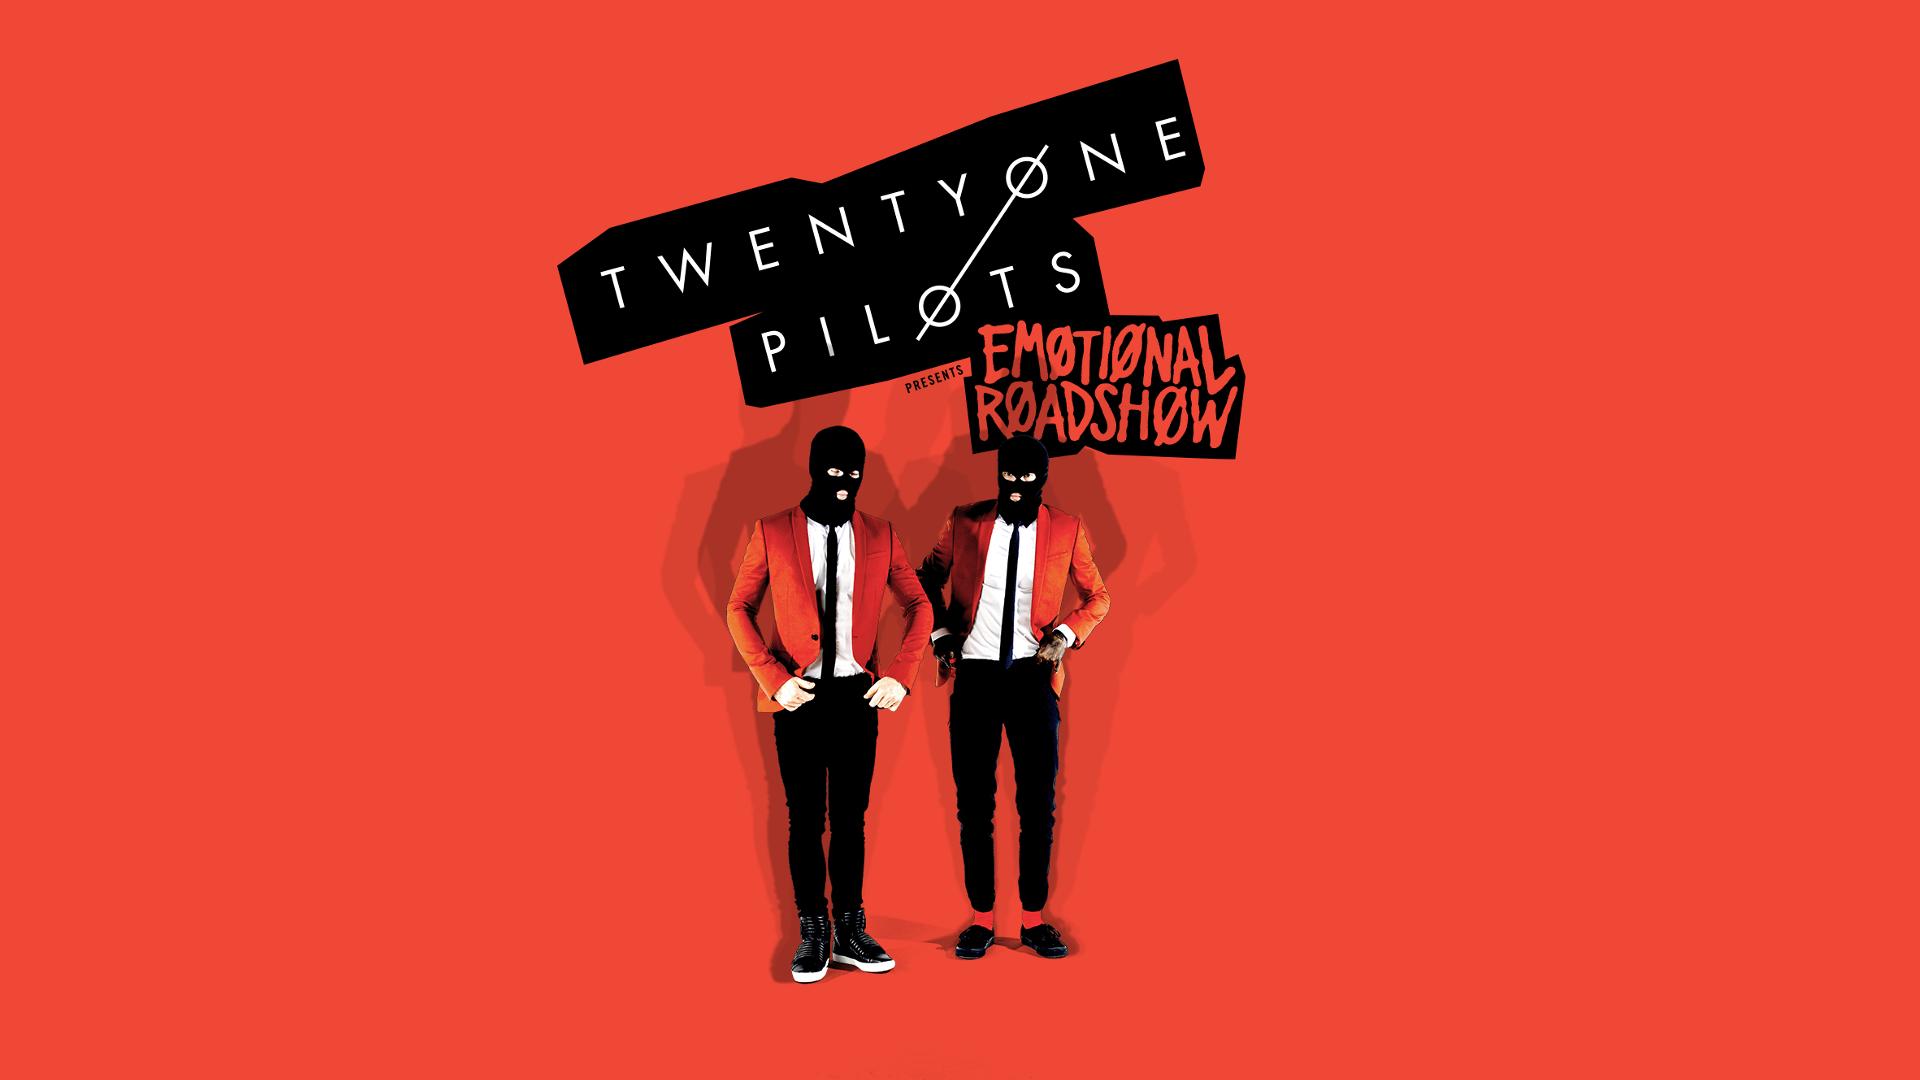 Twenty One Pilots 2018 Wallpapers - Wallpaper Cave